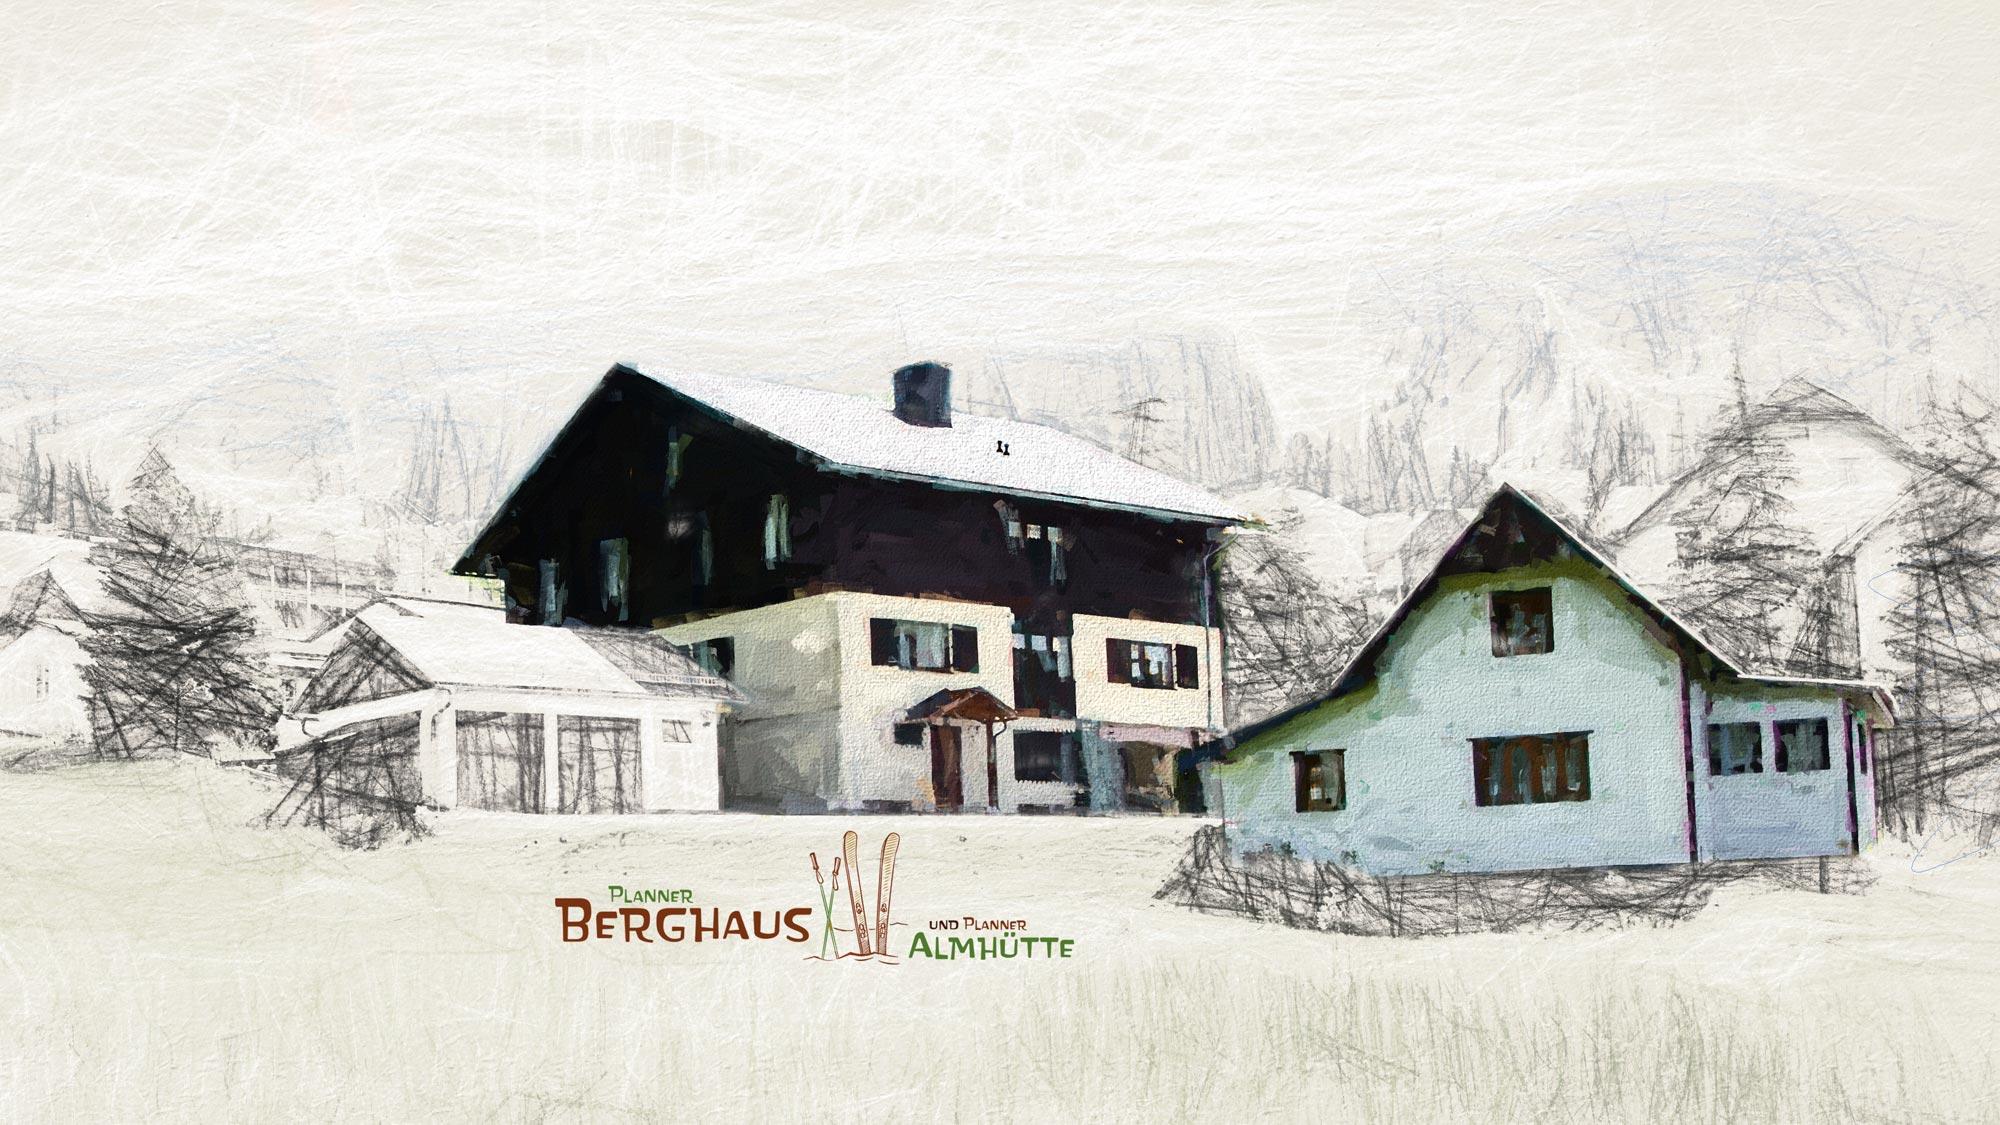 bg-berghausplanneralmhuette_kl_02